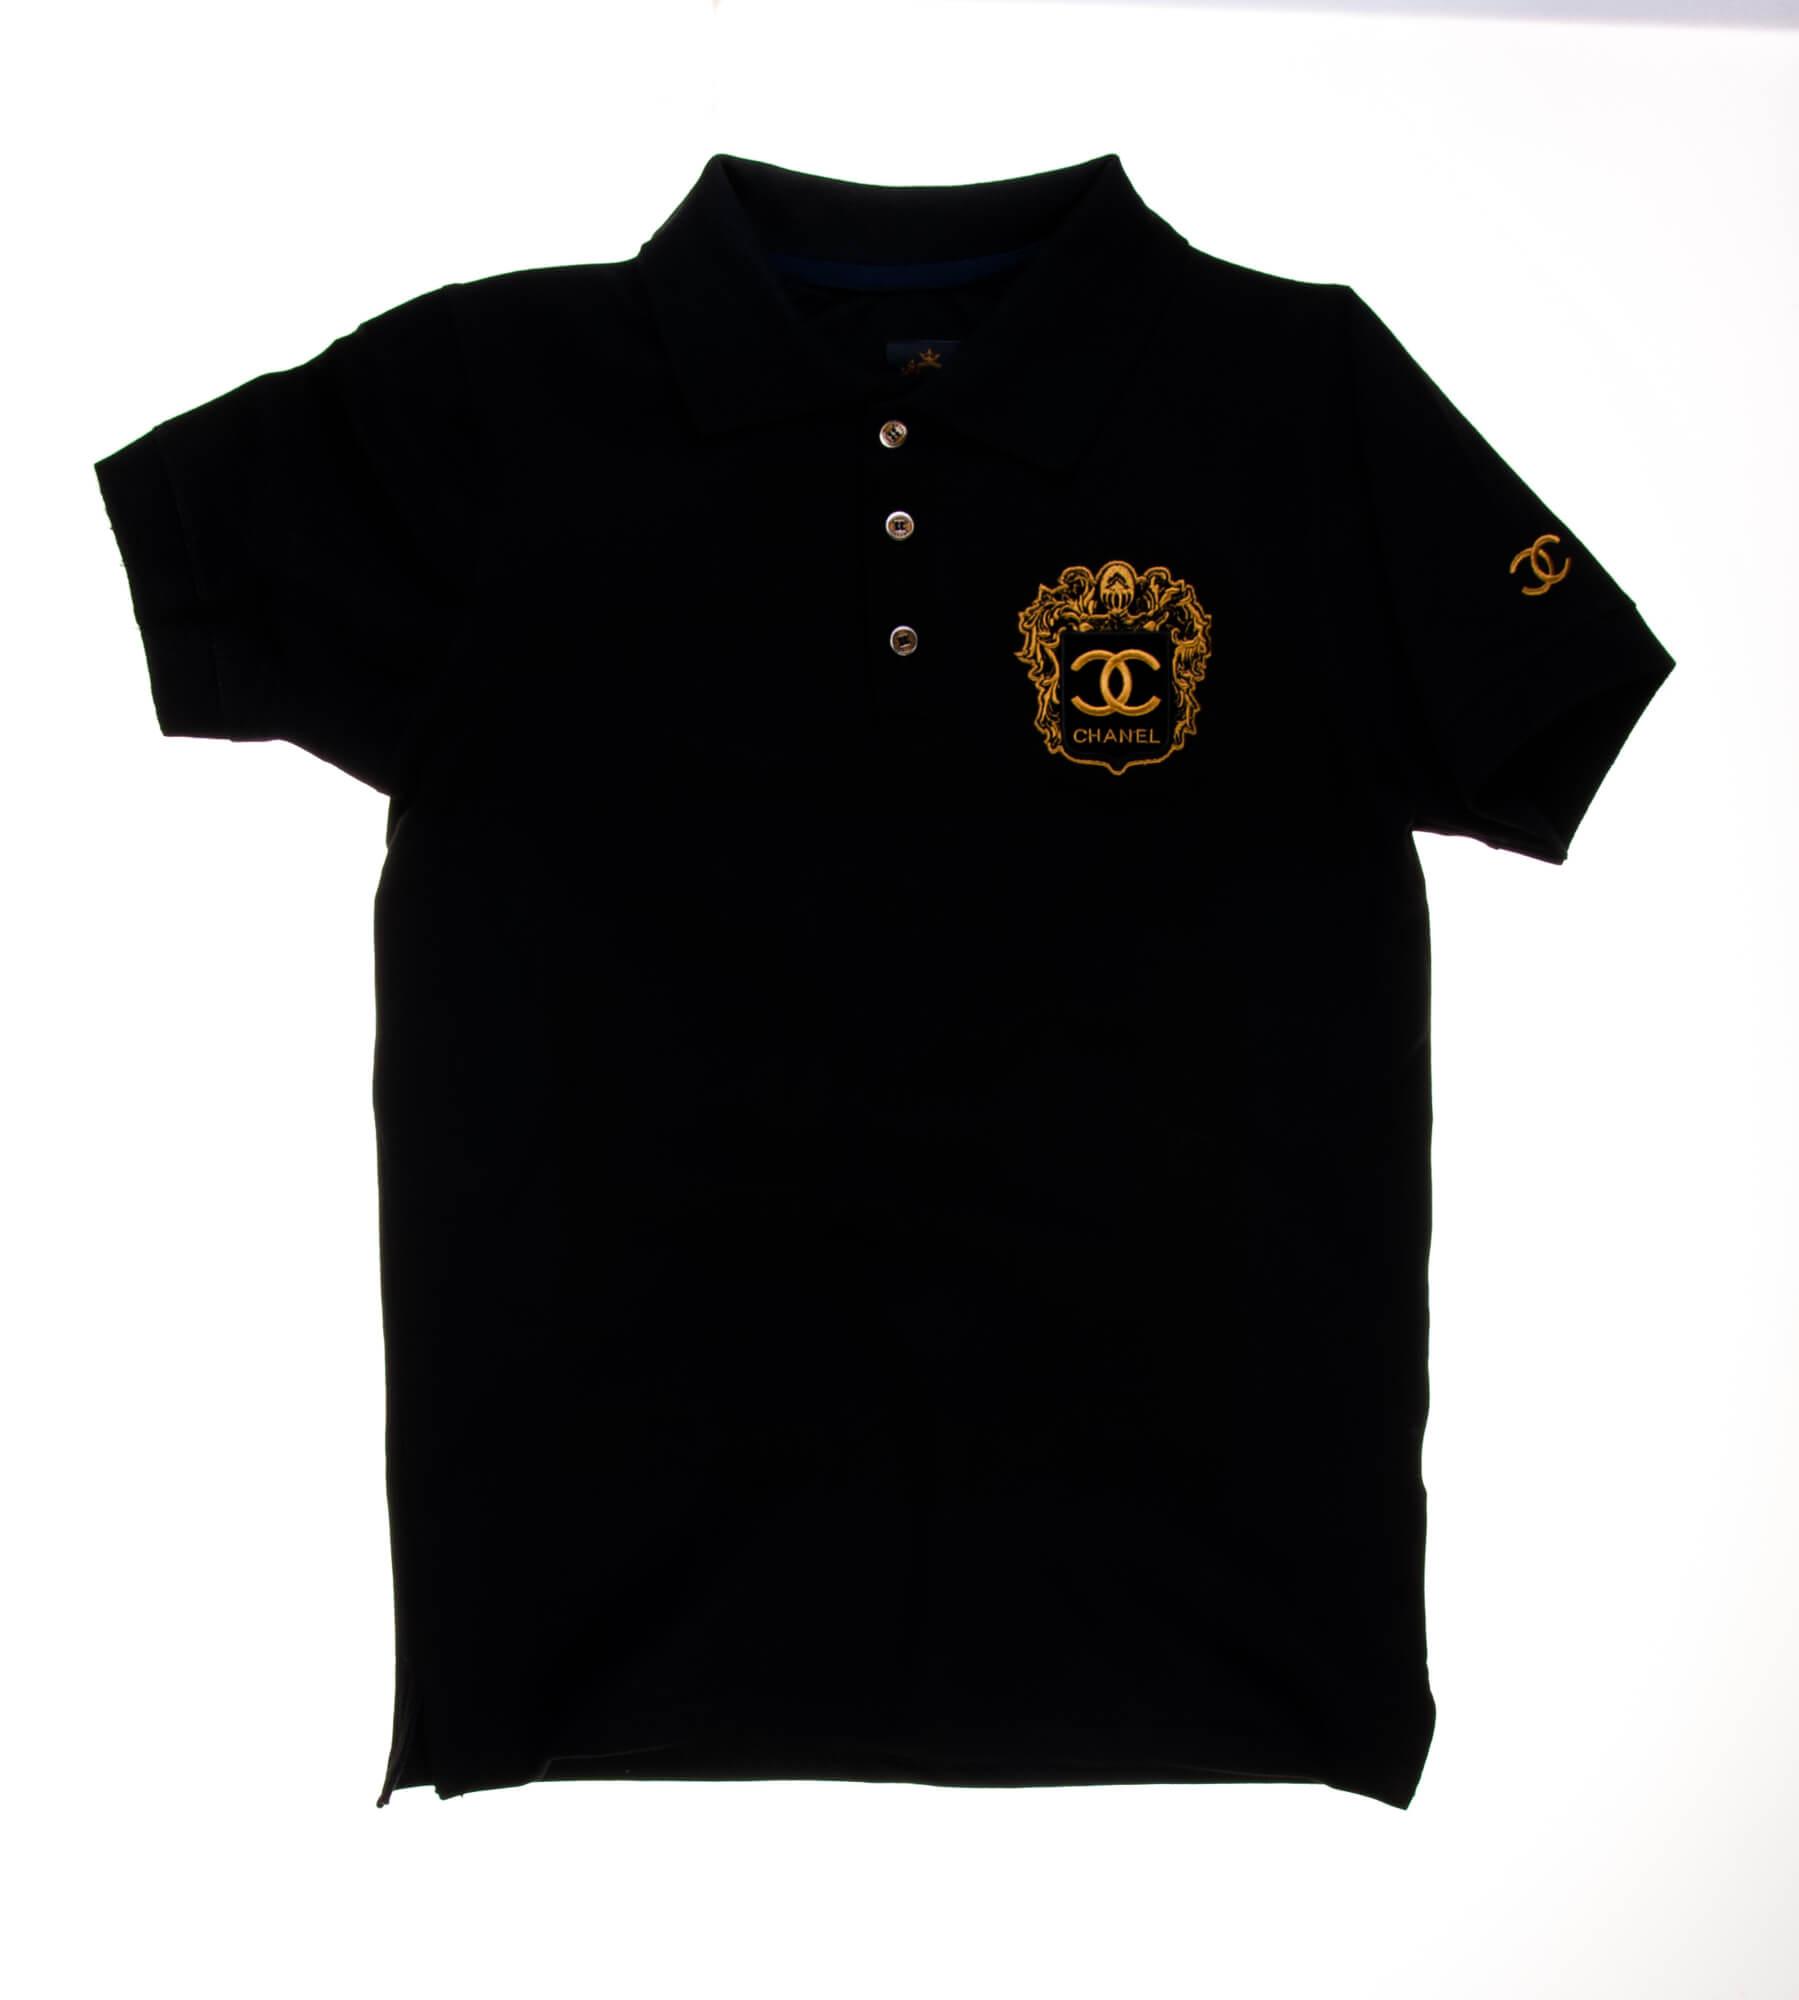 تی شرت یقه دار مردانه طرح PS1064-CHANEL